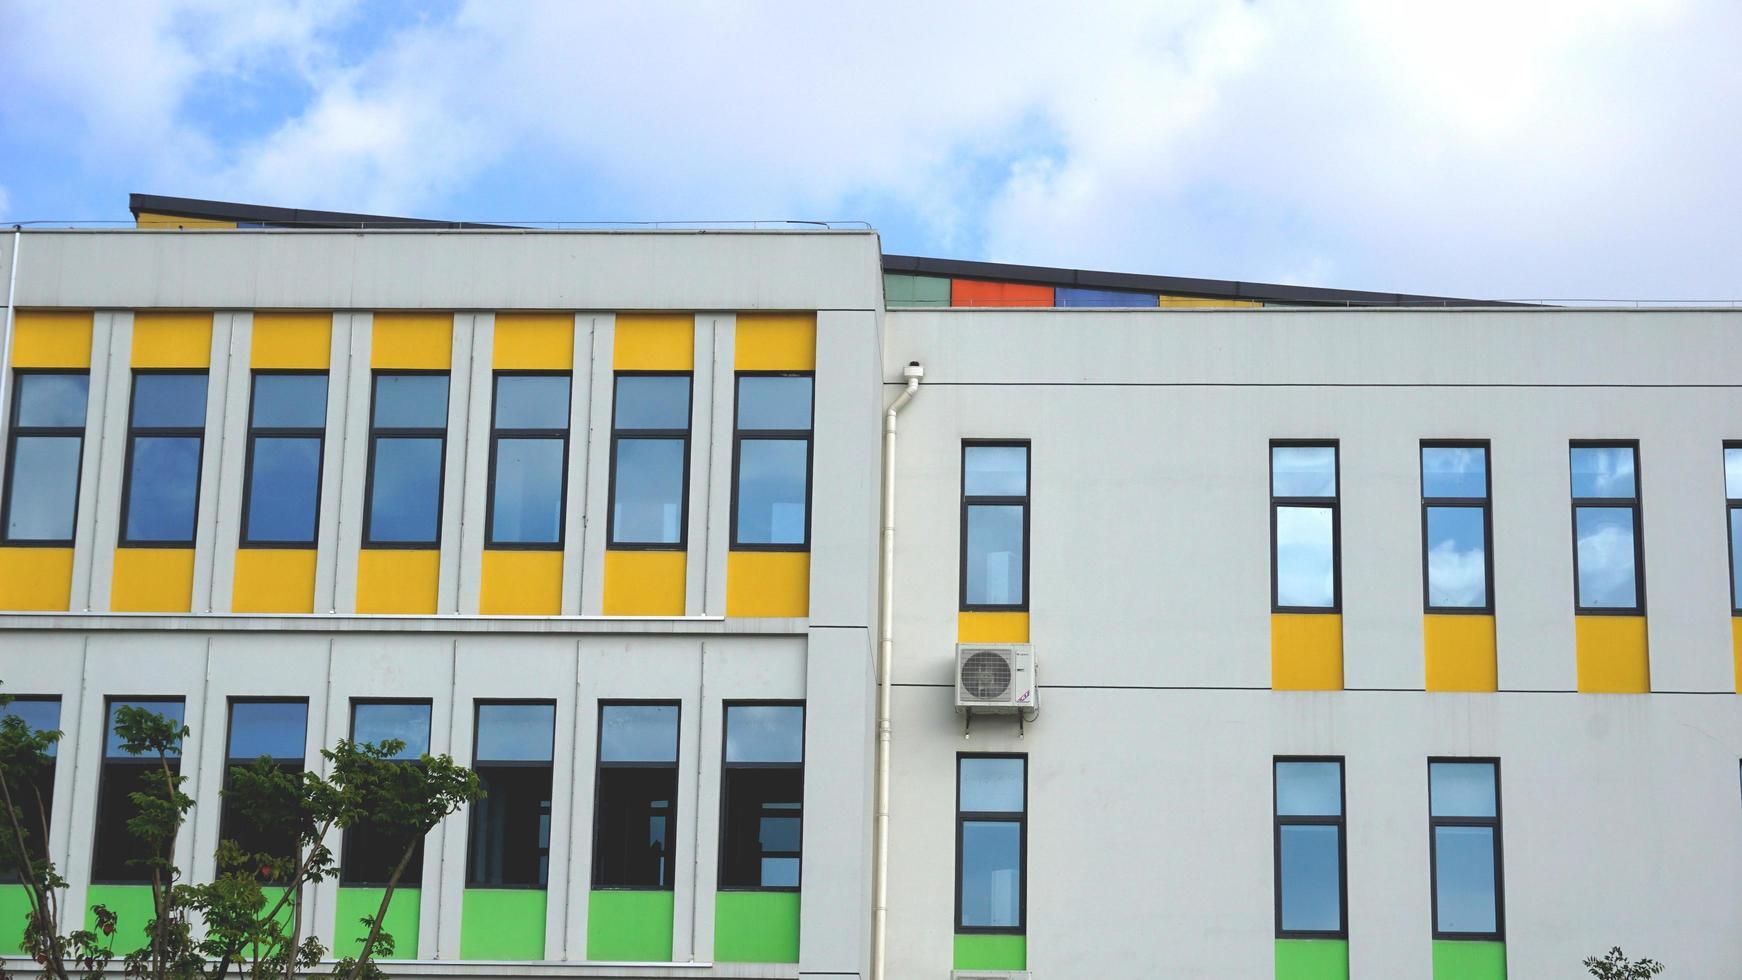 Ville de Changshu, province de Jiangsu, 13 novembre 2020 - murs colorés d'une école maternelle photo